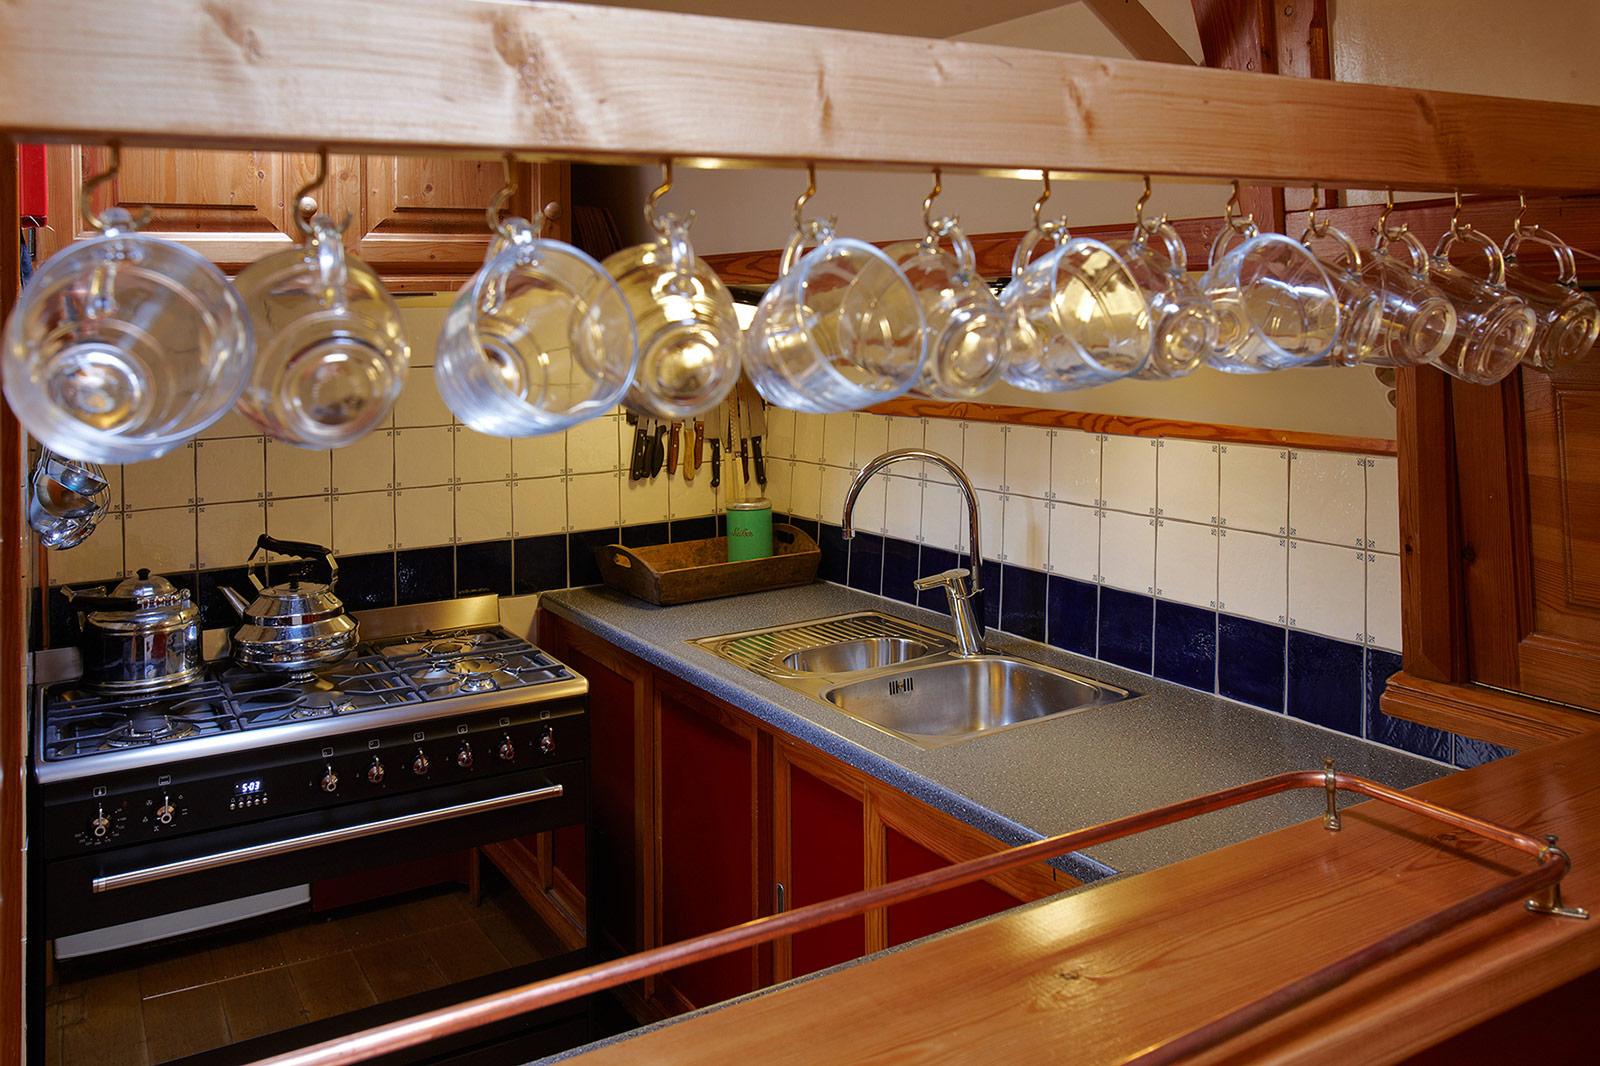 Zeilschip de albatros voor uw zeilvakantie over ijsselmeer friesland of de waddenzee - Kombuis keuken ...